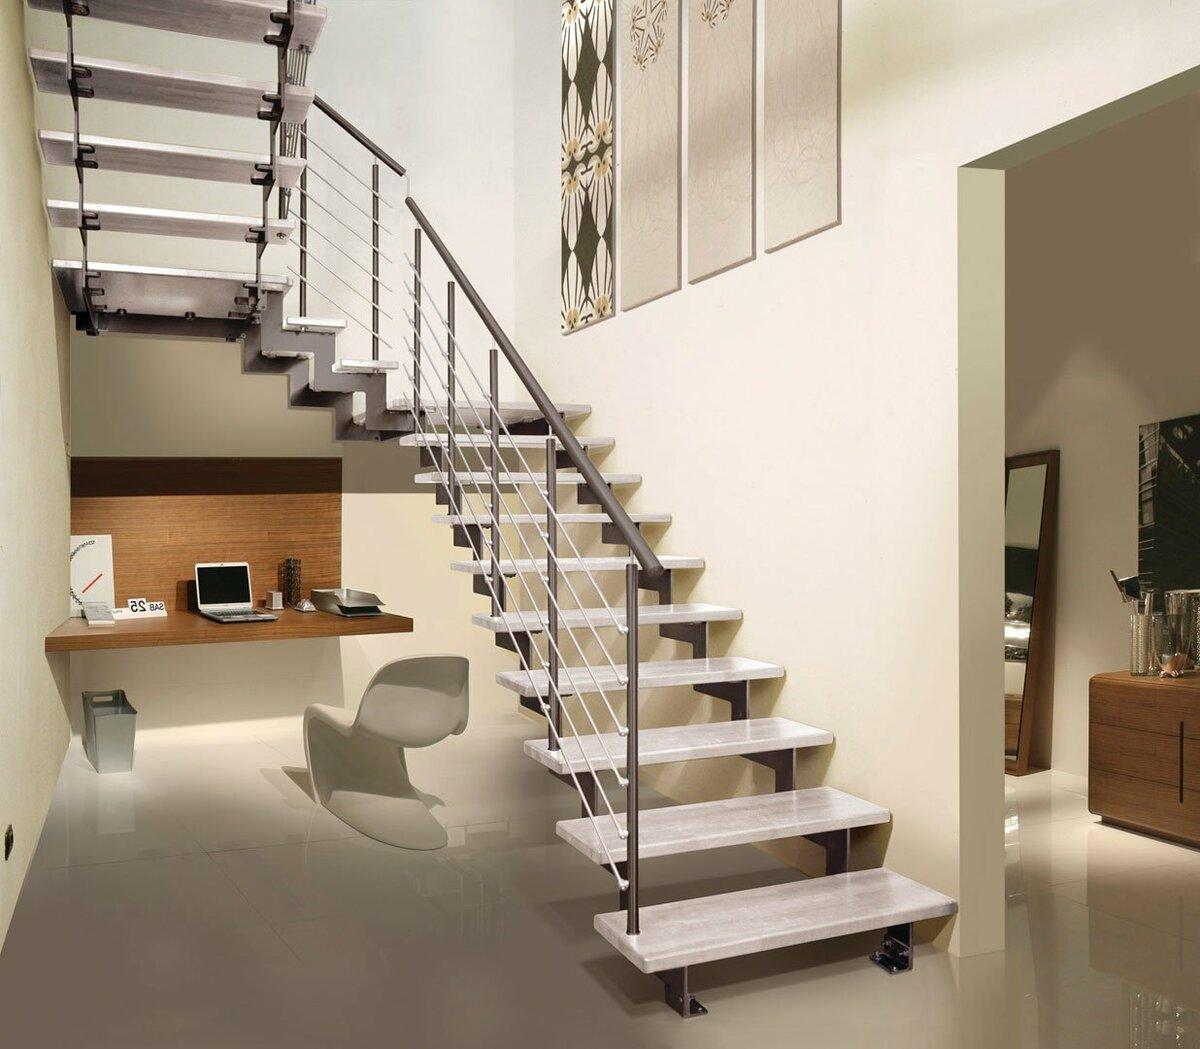 лестница второй этаж картинки коричнево-рыжими